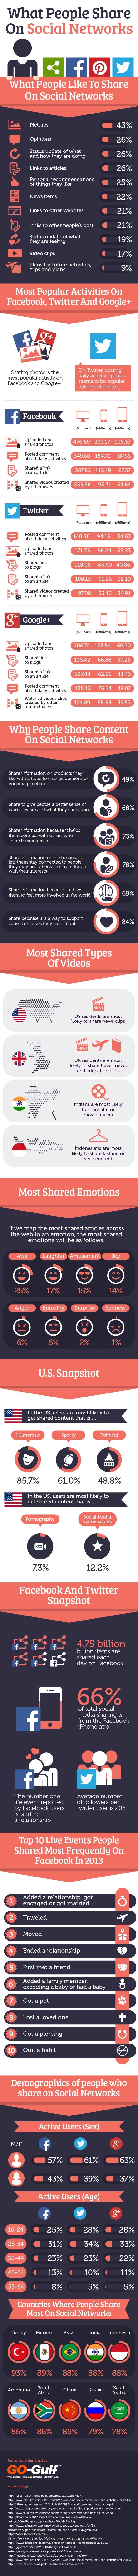 Social-Media-Sharing-Statistics